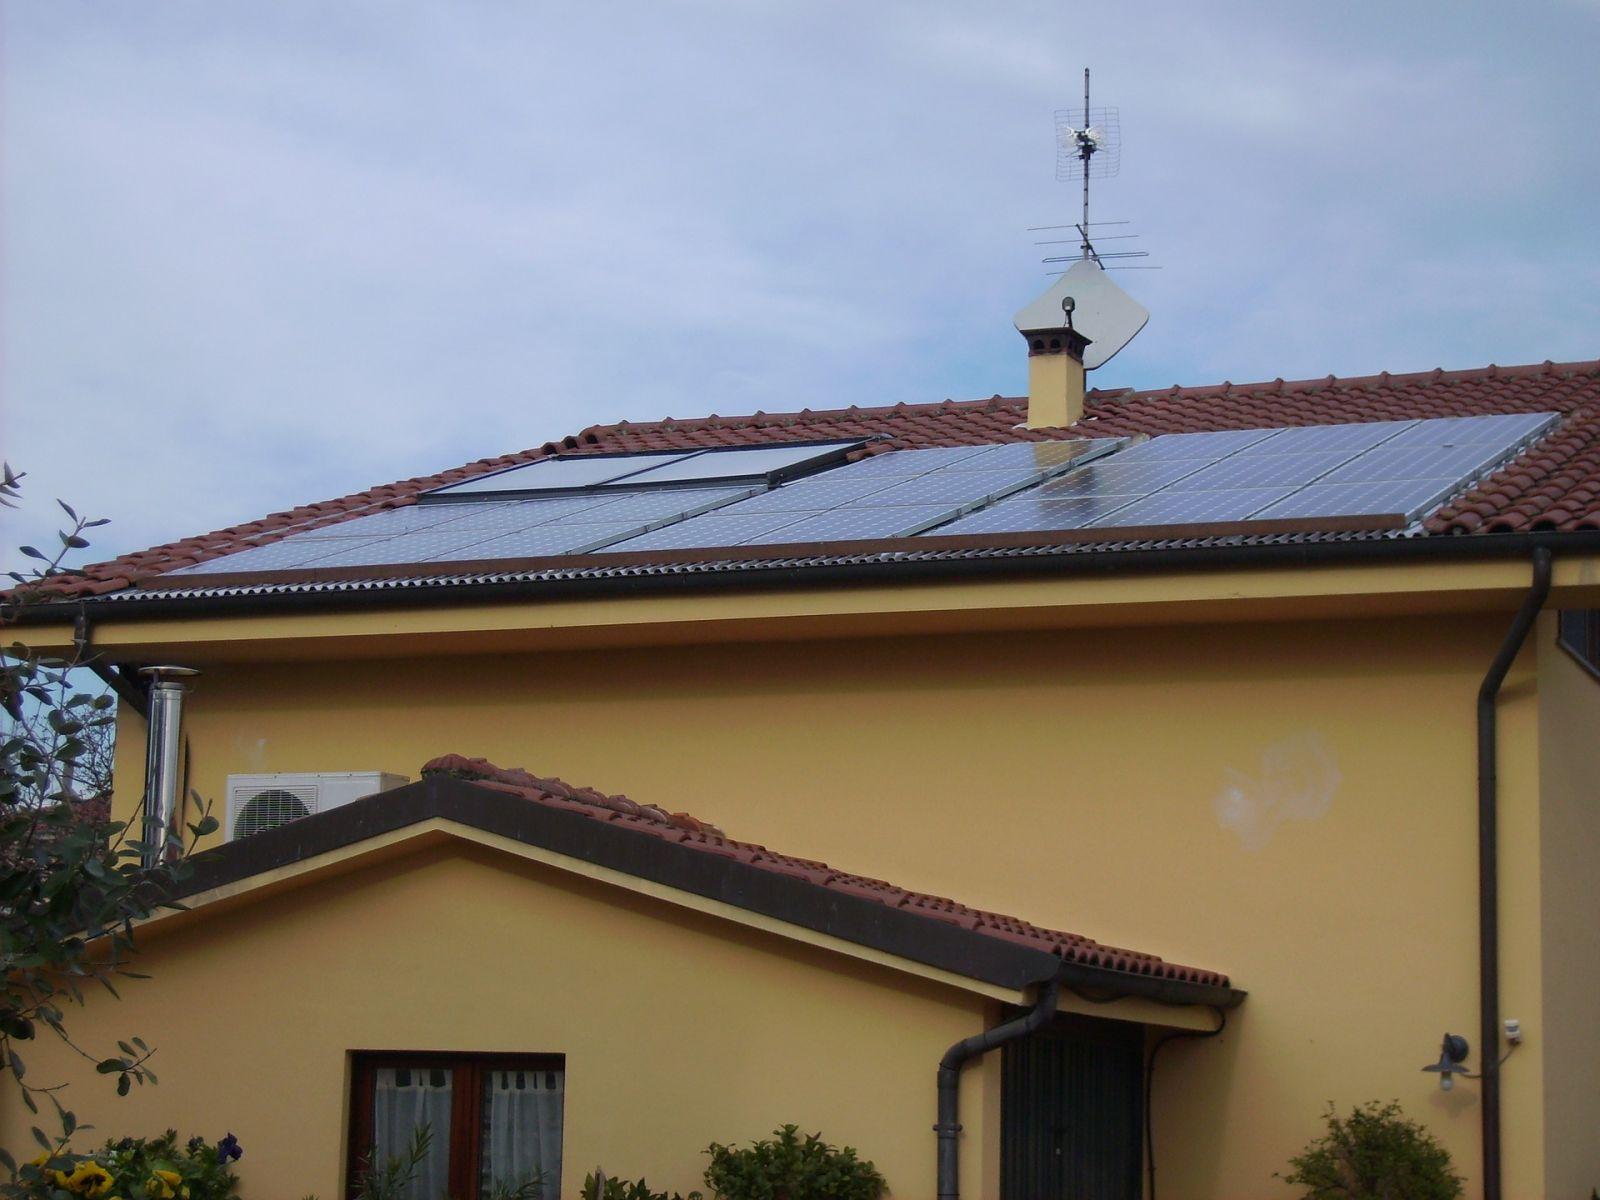 Il est pertinent de se servir des toitures pour produire de l'énergie